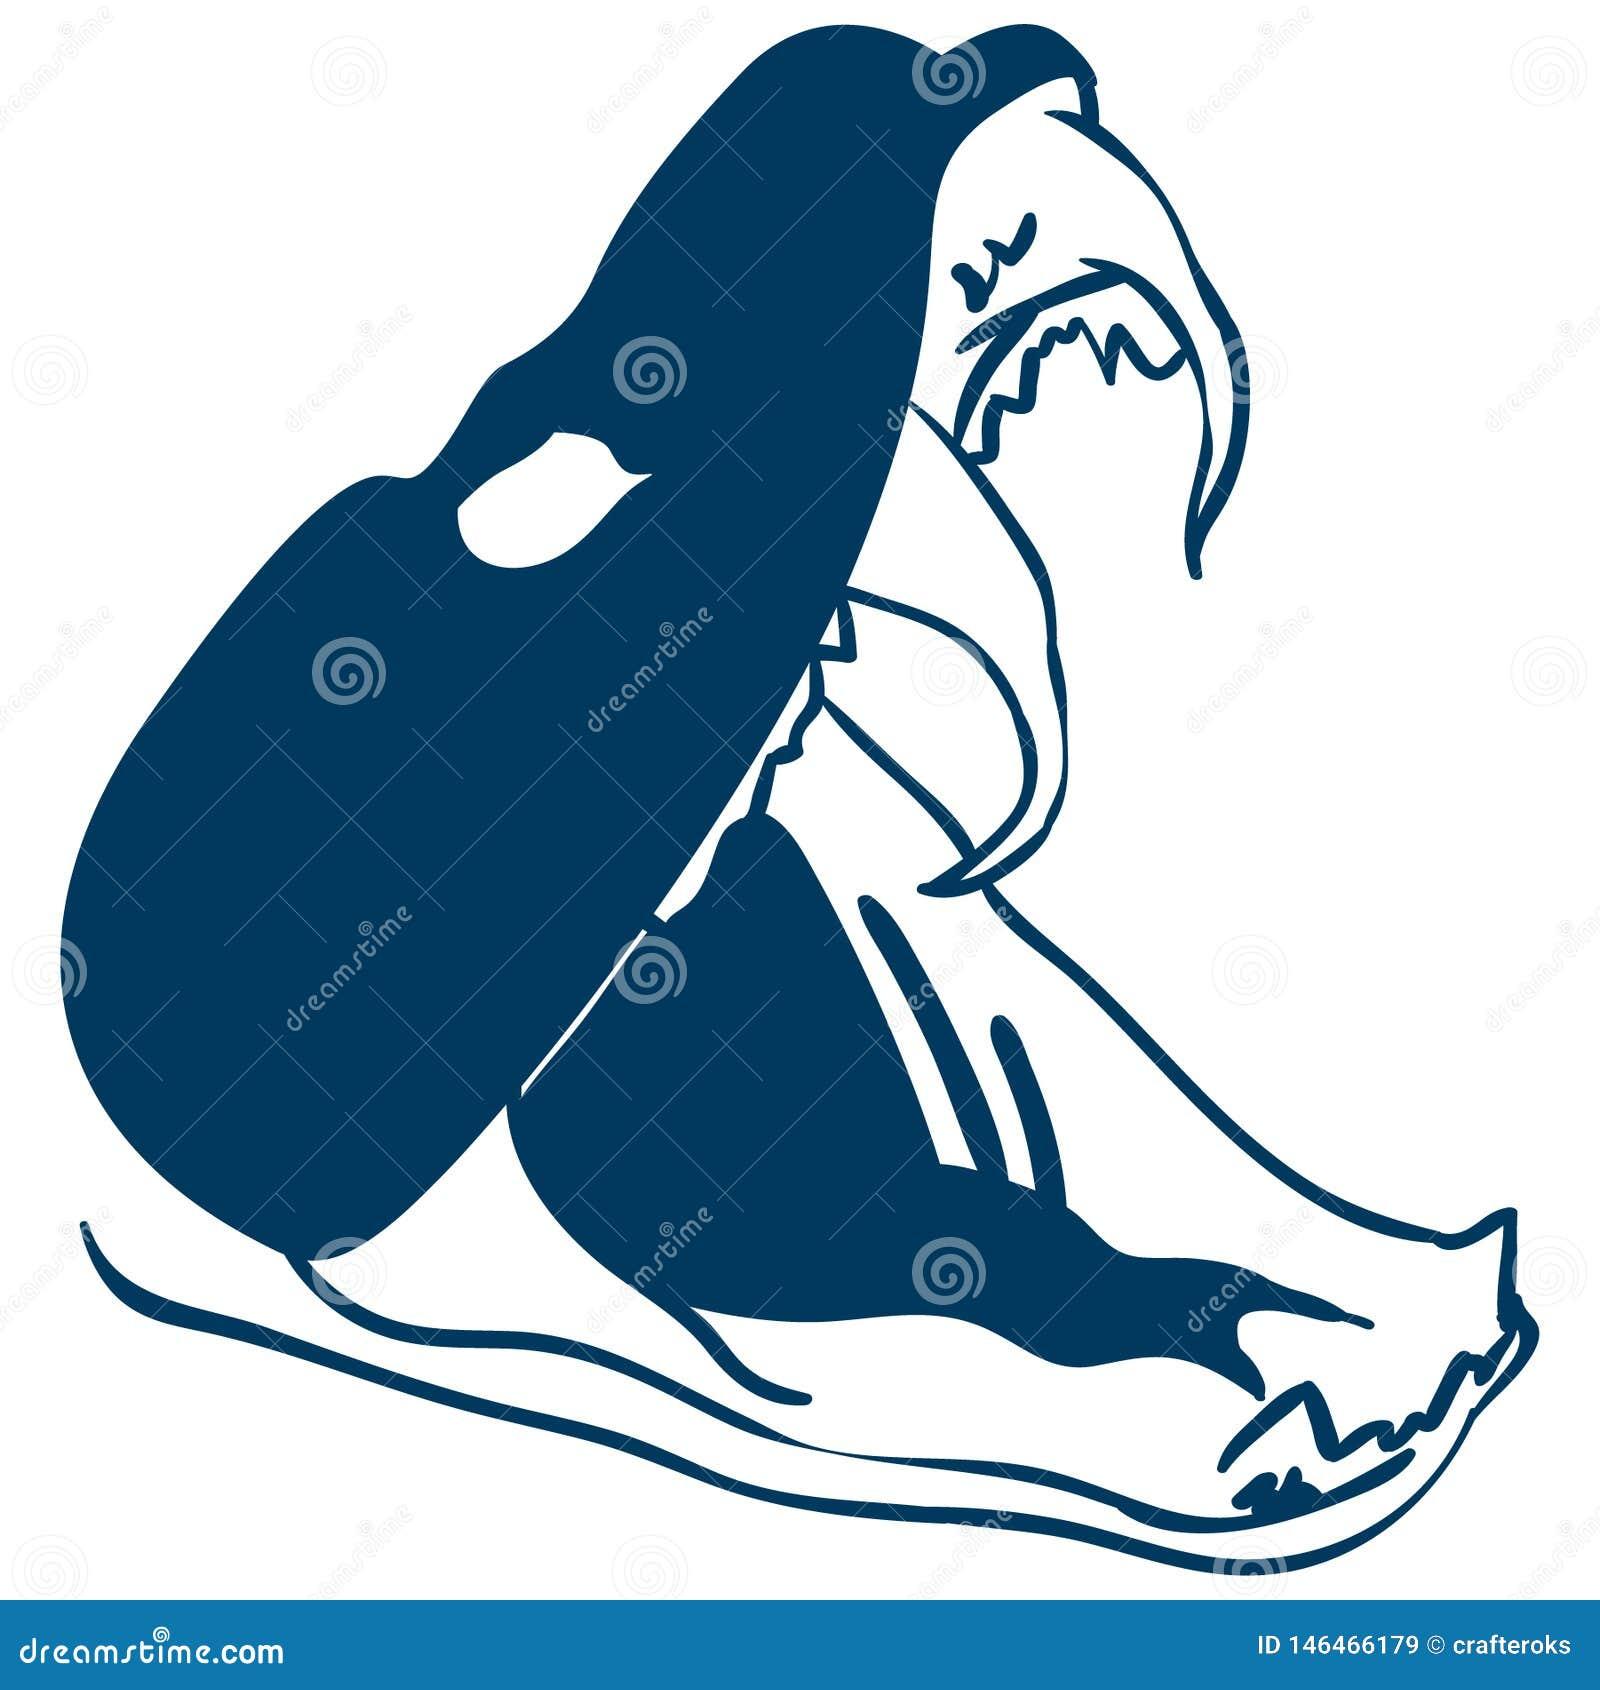 Vecteur ENV tiré par la main, vecteur, ENV, logo, icône, illustration de serpent à sonnettes de silhouette par des crafteroks pou